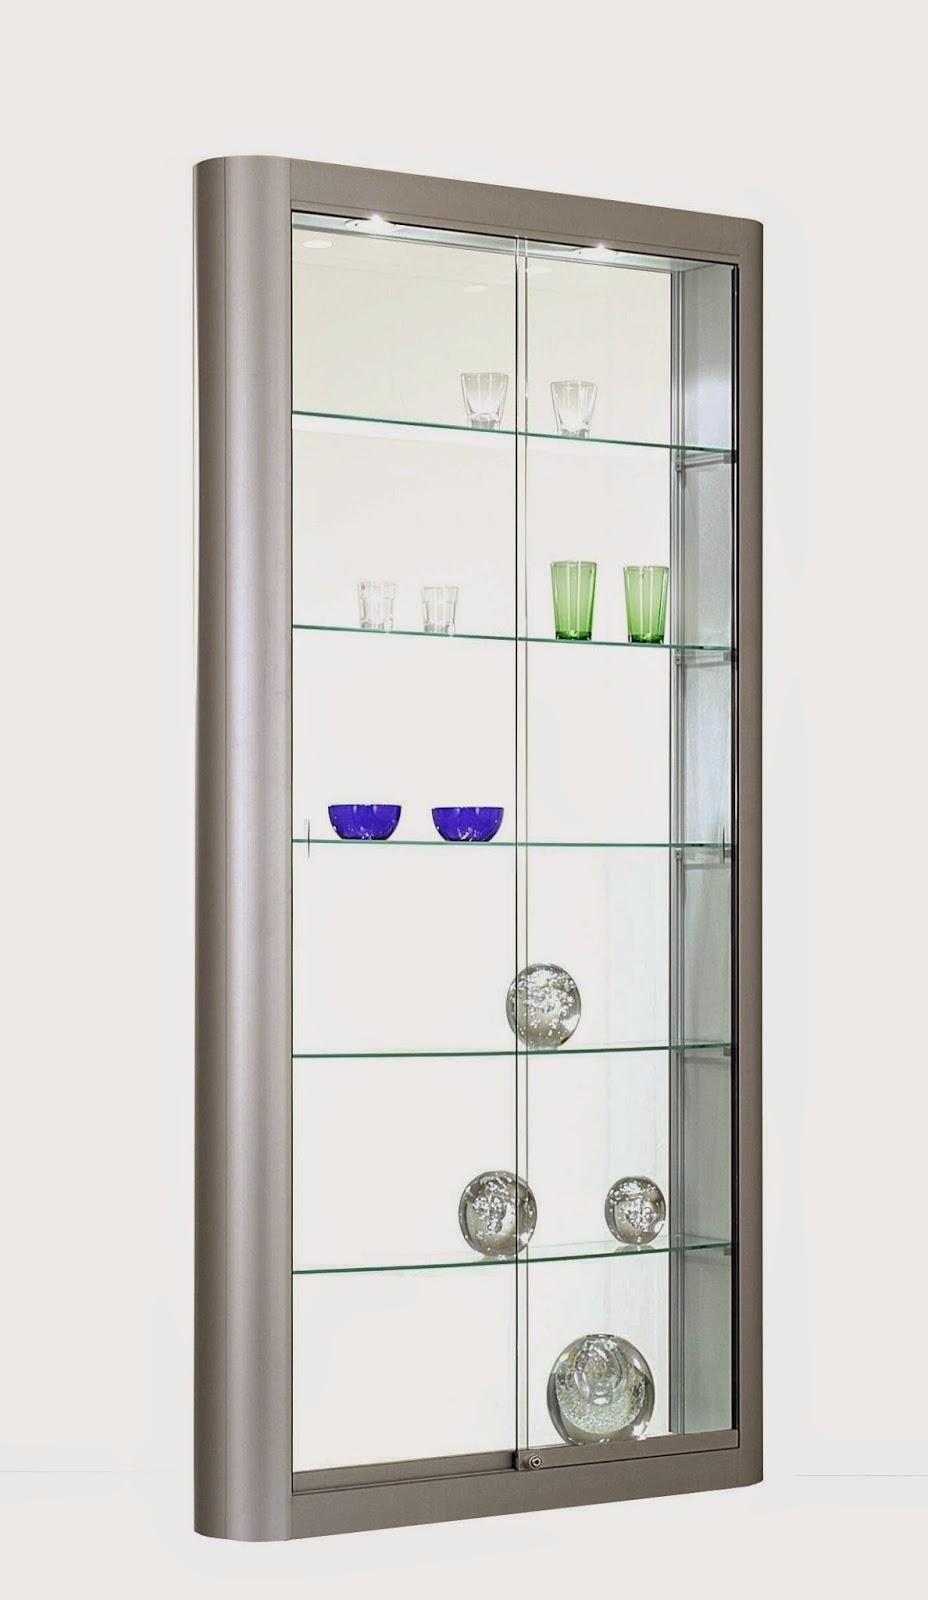 Glazen Wand Vitrinekast.Vitrinekast Van Glas Vitrine Masters